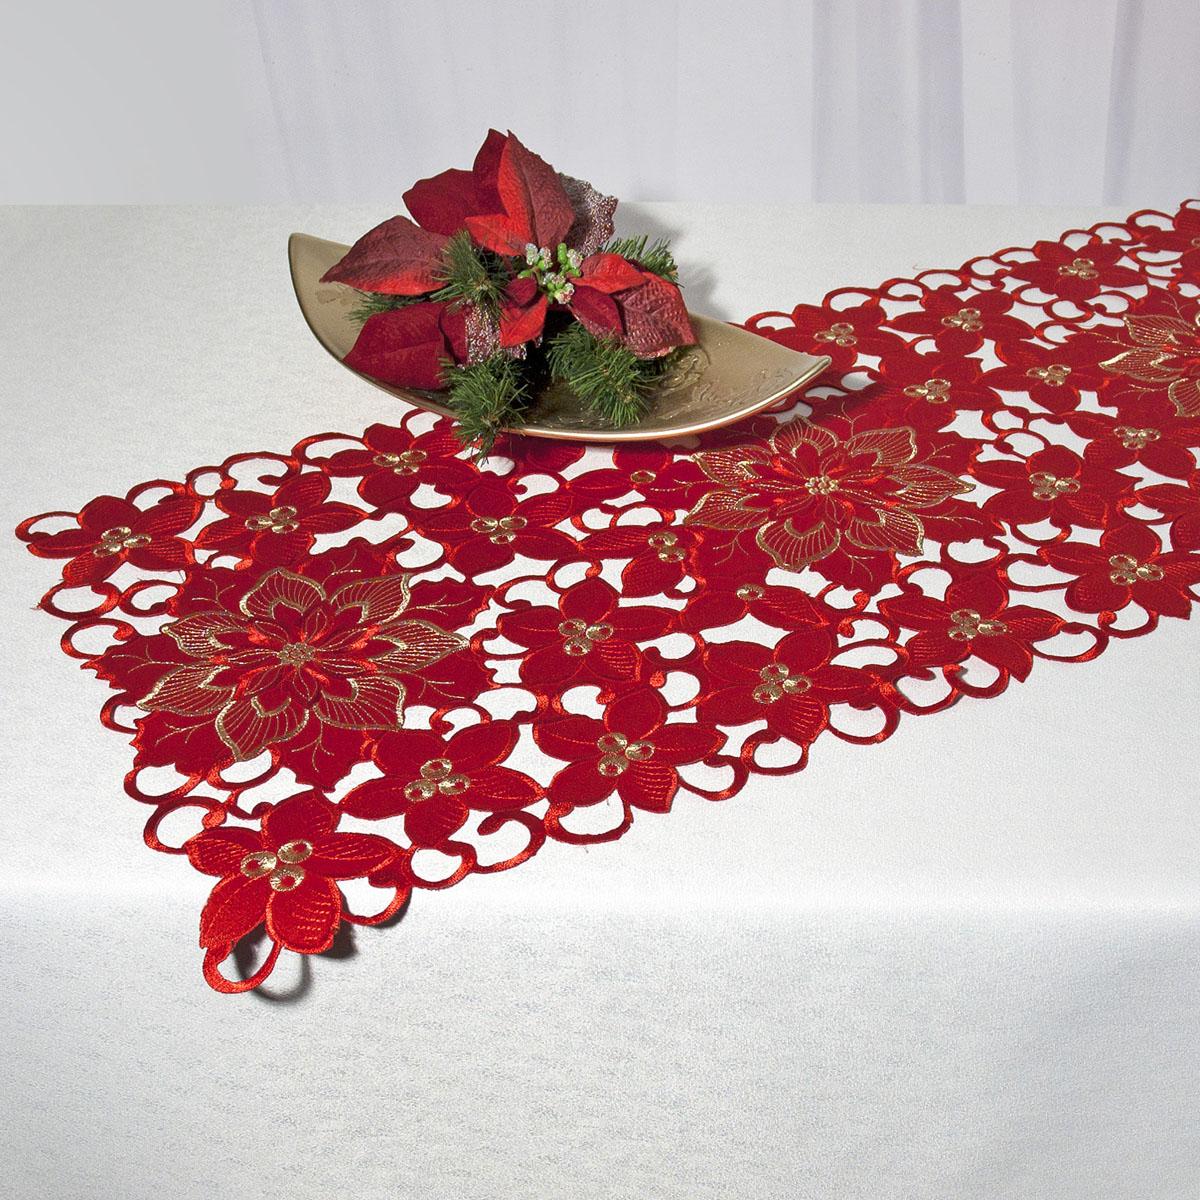 Дорожка для декорирования стола Schaefer, прямоугольная, цвет: красный, 40 x 110 см 07482-23307482-233Дорожка Schaefer выполнена из высококачественного полиэстера и оформлена в технике ришелье. Вы можете использовать дорожку для декорирования стола, комода или журнального столика. Благодаря такой дорожке вы защитите поверхность мебели от воды, пятен и механических воздействий, а также создадите атмосферу уюта и домашнего тепла в интерьере вашей квартиры. Изделия из искусственных волокон легко стирать: они не мнутся, не садятся и быстро сохнут, они более долговечны, чем изделия из натуральных волокон. Изысканный текстиль от немецкой компании Schaefer - это красота, стиль и уют в вашем доме. Дорожка органично впишется в интерьер любого помещения, а оригинальный дизайн удовлетворит даже самый изысканный вкус. Дарите себе и близким красоту каждый день!